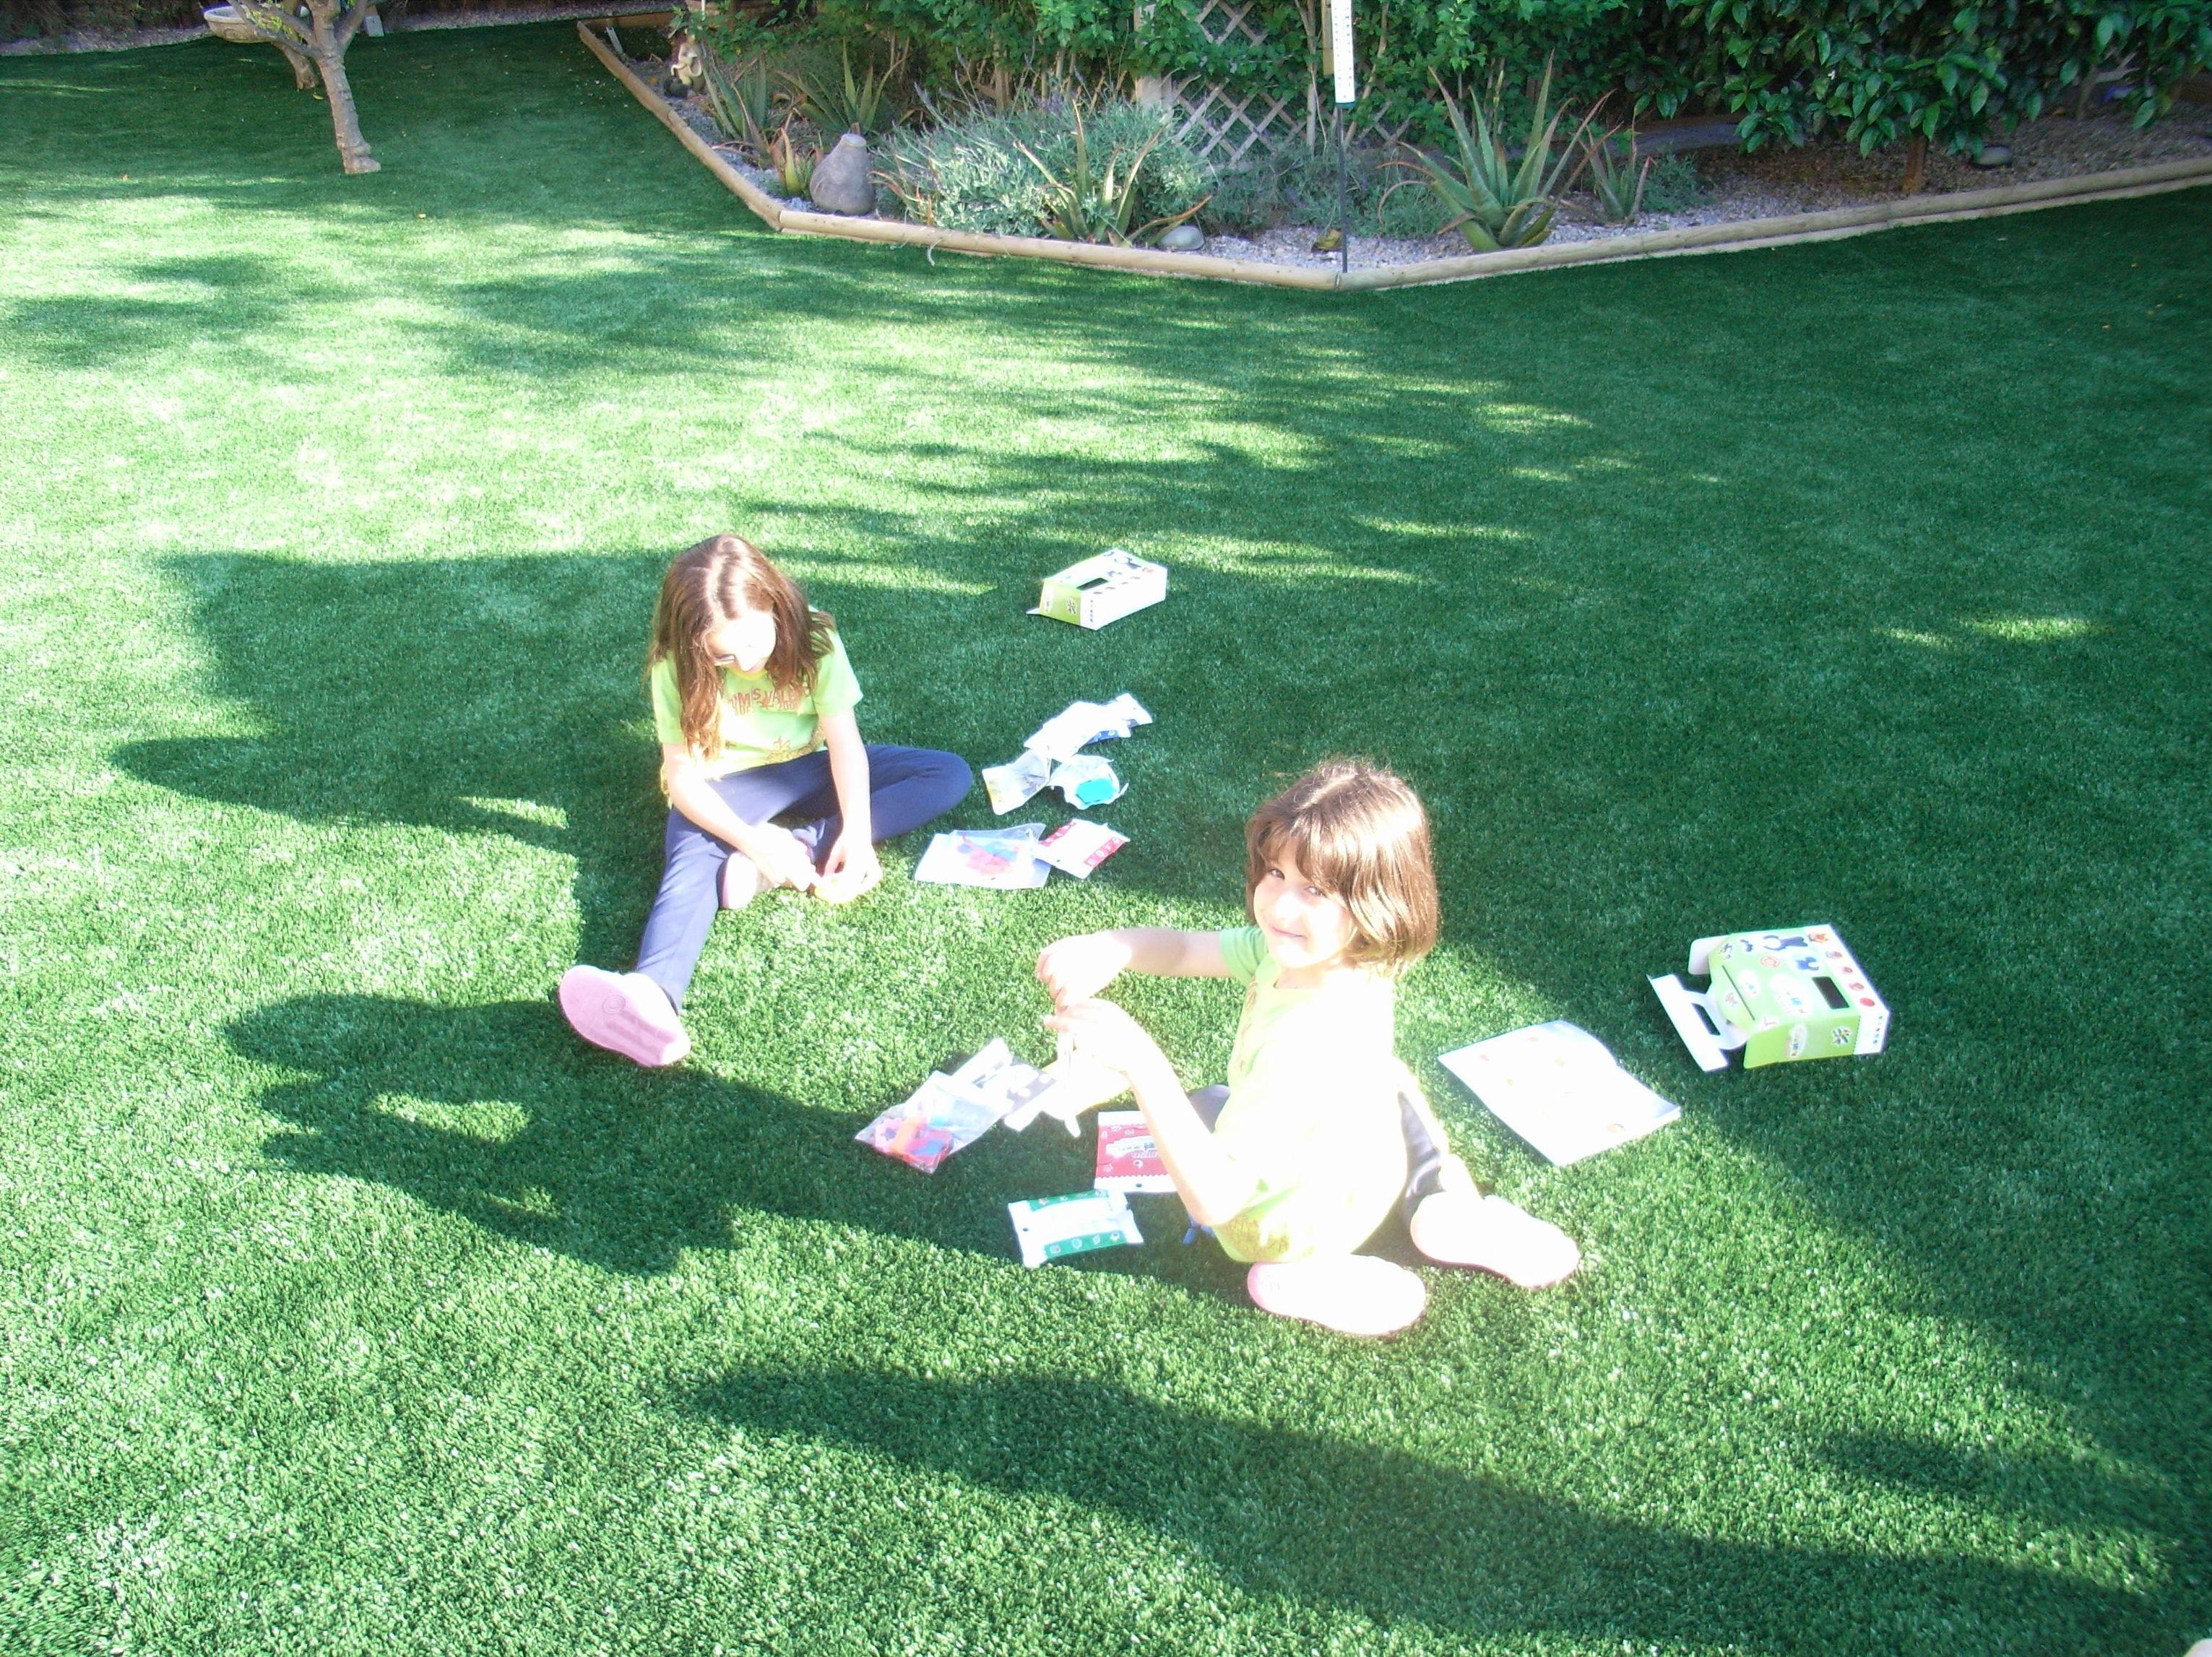 Disfrutando de la tarde en el jardín con césped artificial